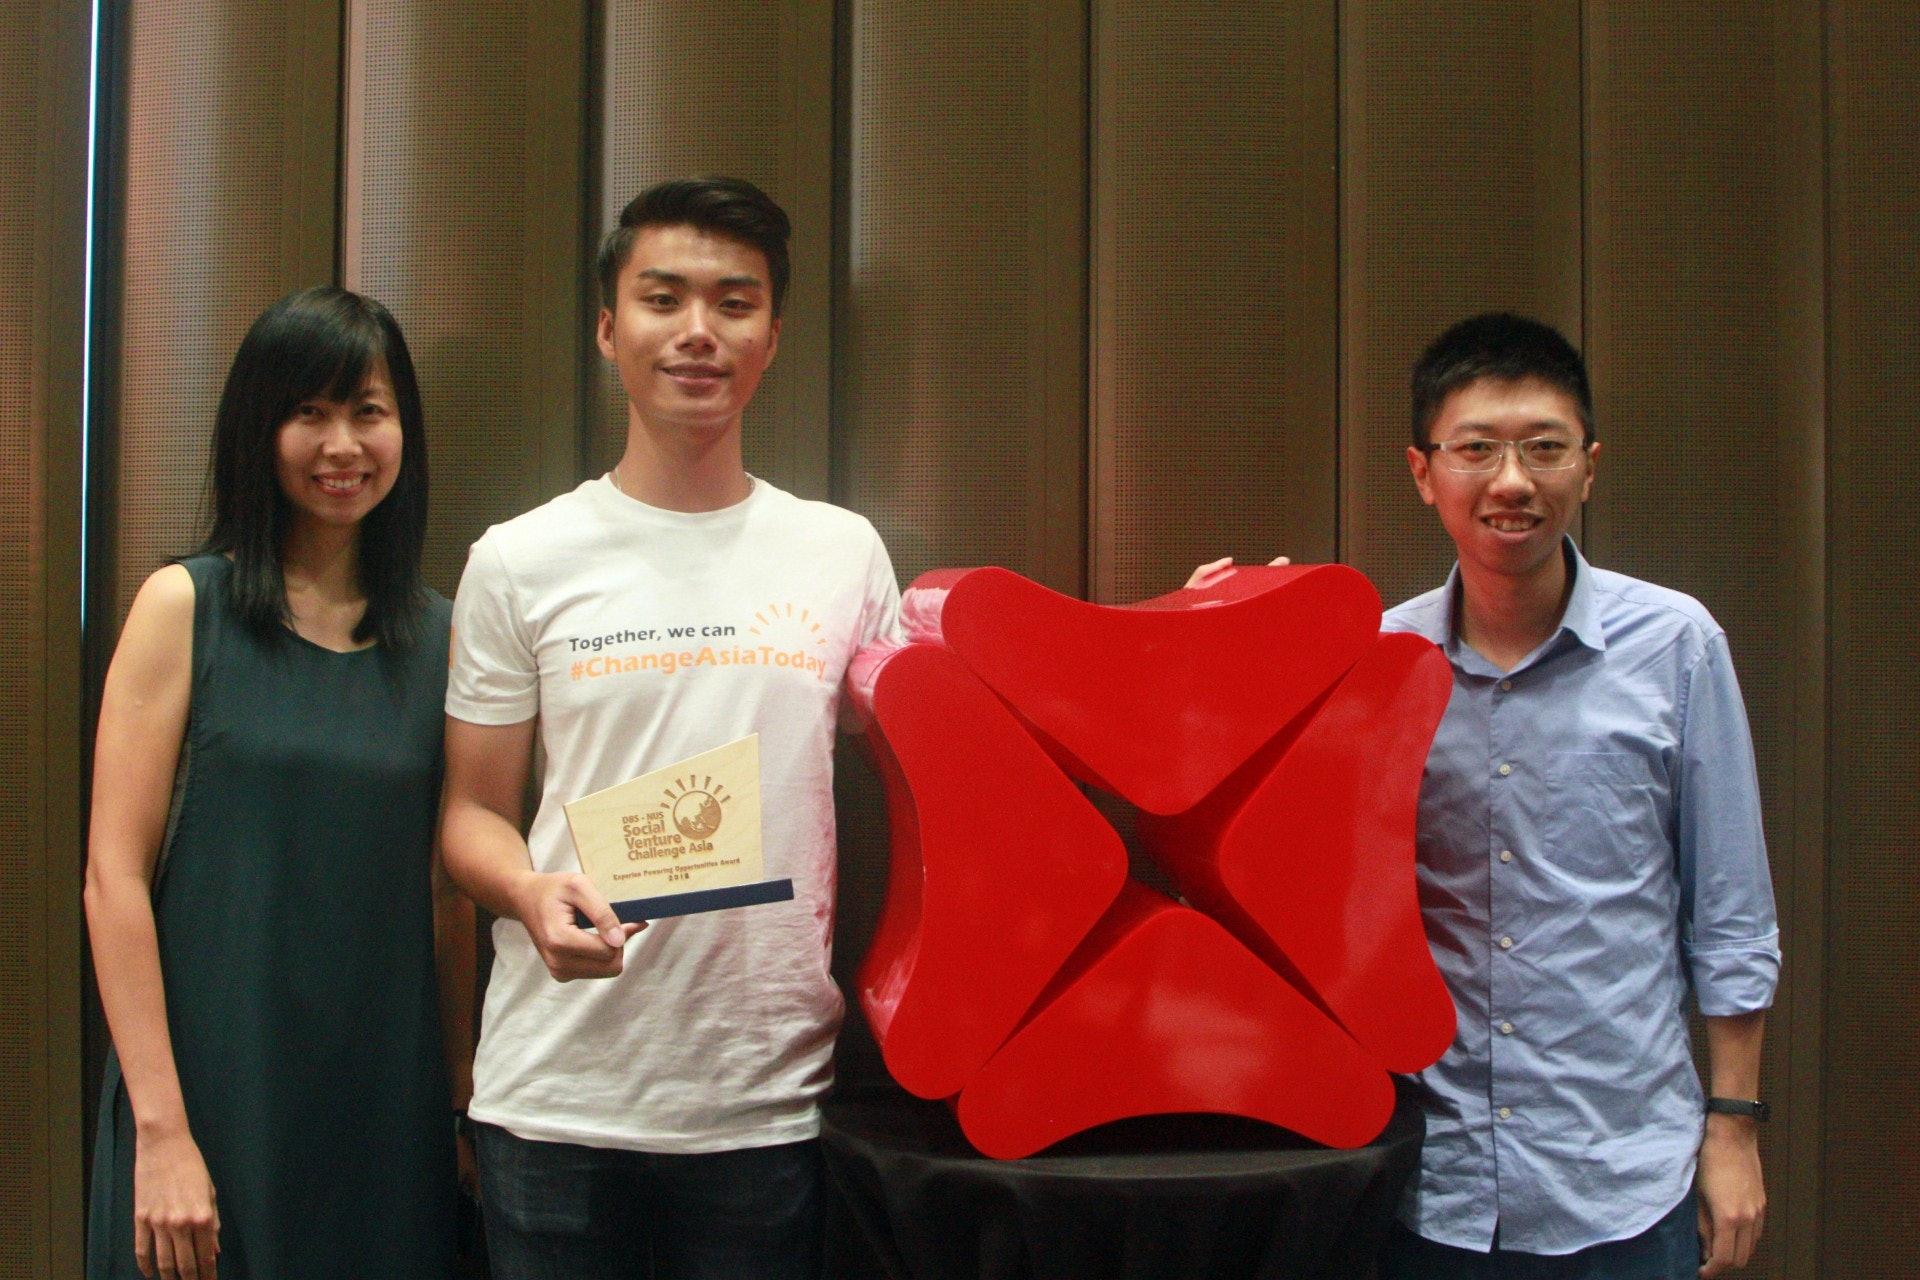 本地線上學習平台afterschool,於星展與新加坡國立大學合辦的「亞洲社企挑戰賽2018」中獲獎,將能得到1.5萬新加坡元(約8.5萬港元)的獎金及一系列商業指導。(文顥宗攝)